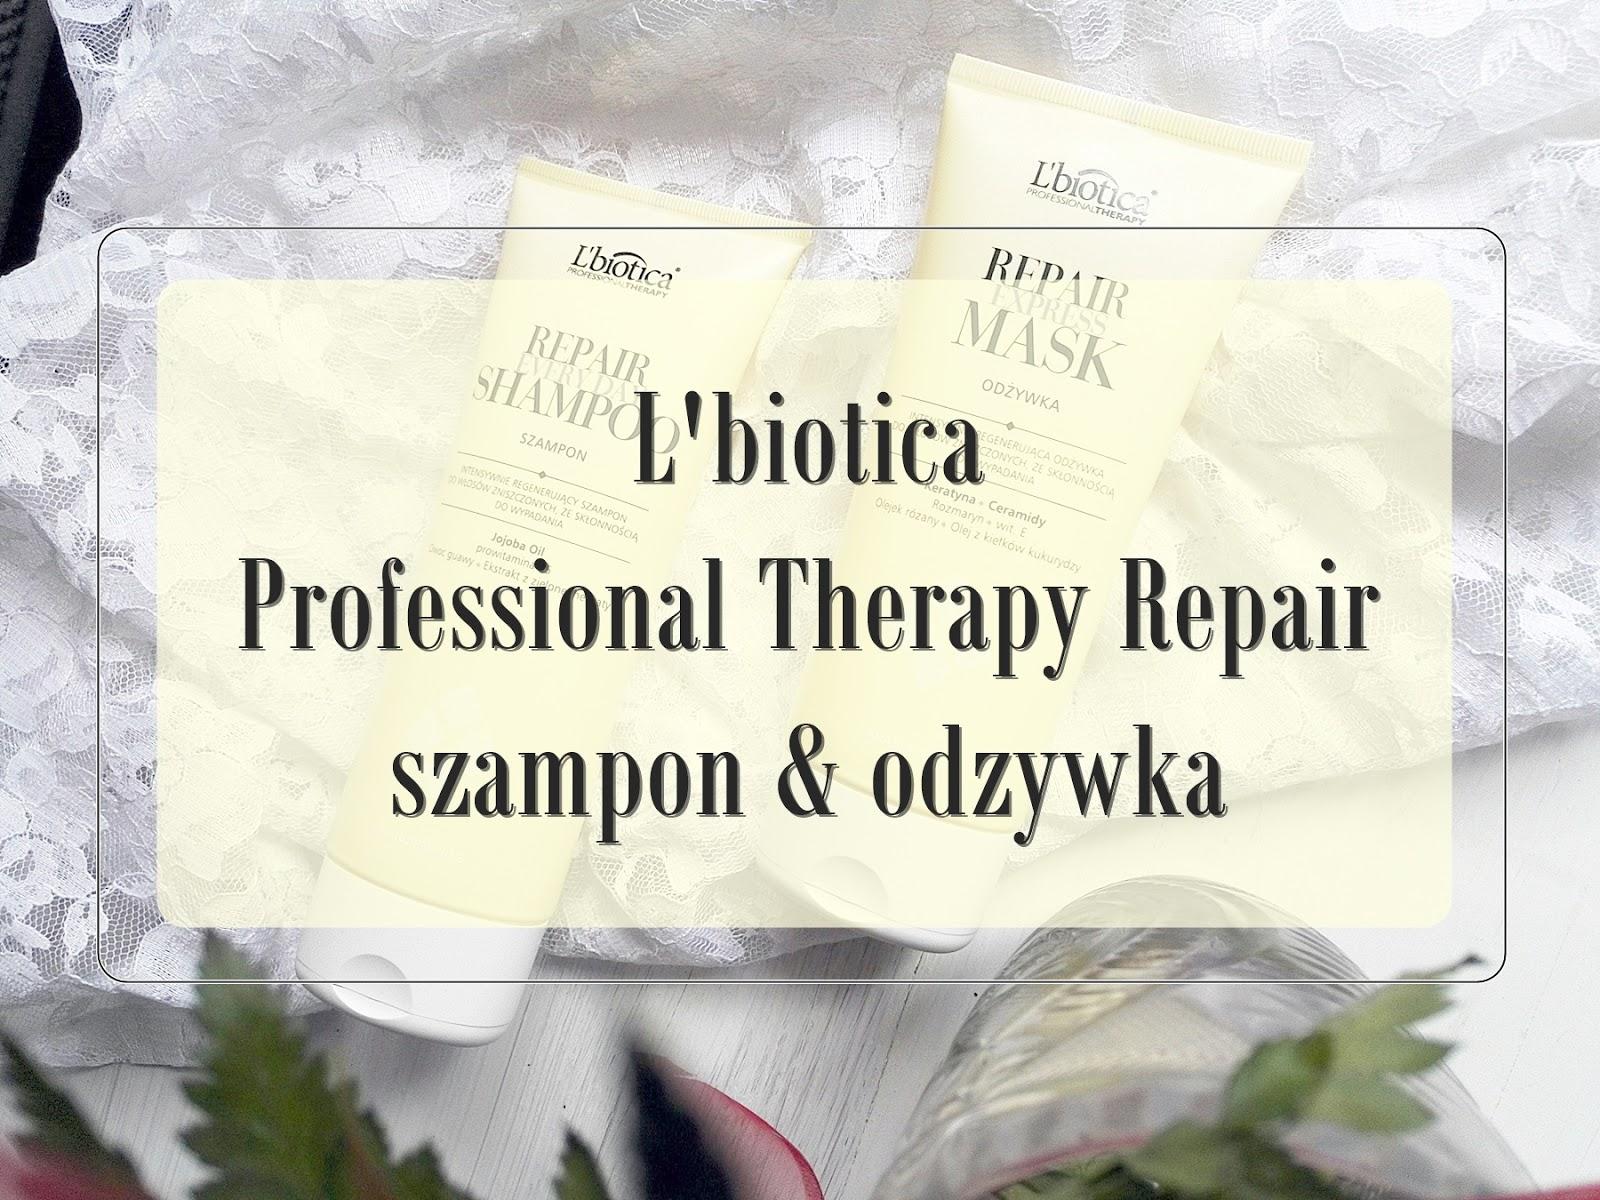 L'biotica Professional Therapy Repair- szampon i odzywka | recenzja, czy polecam?